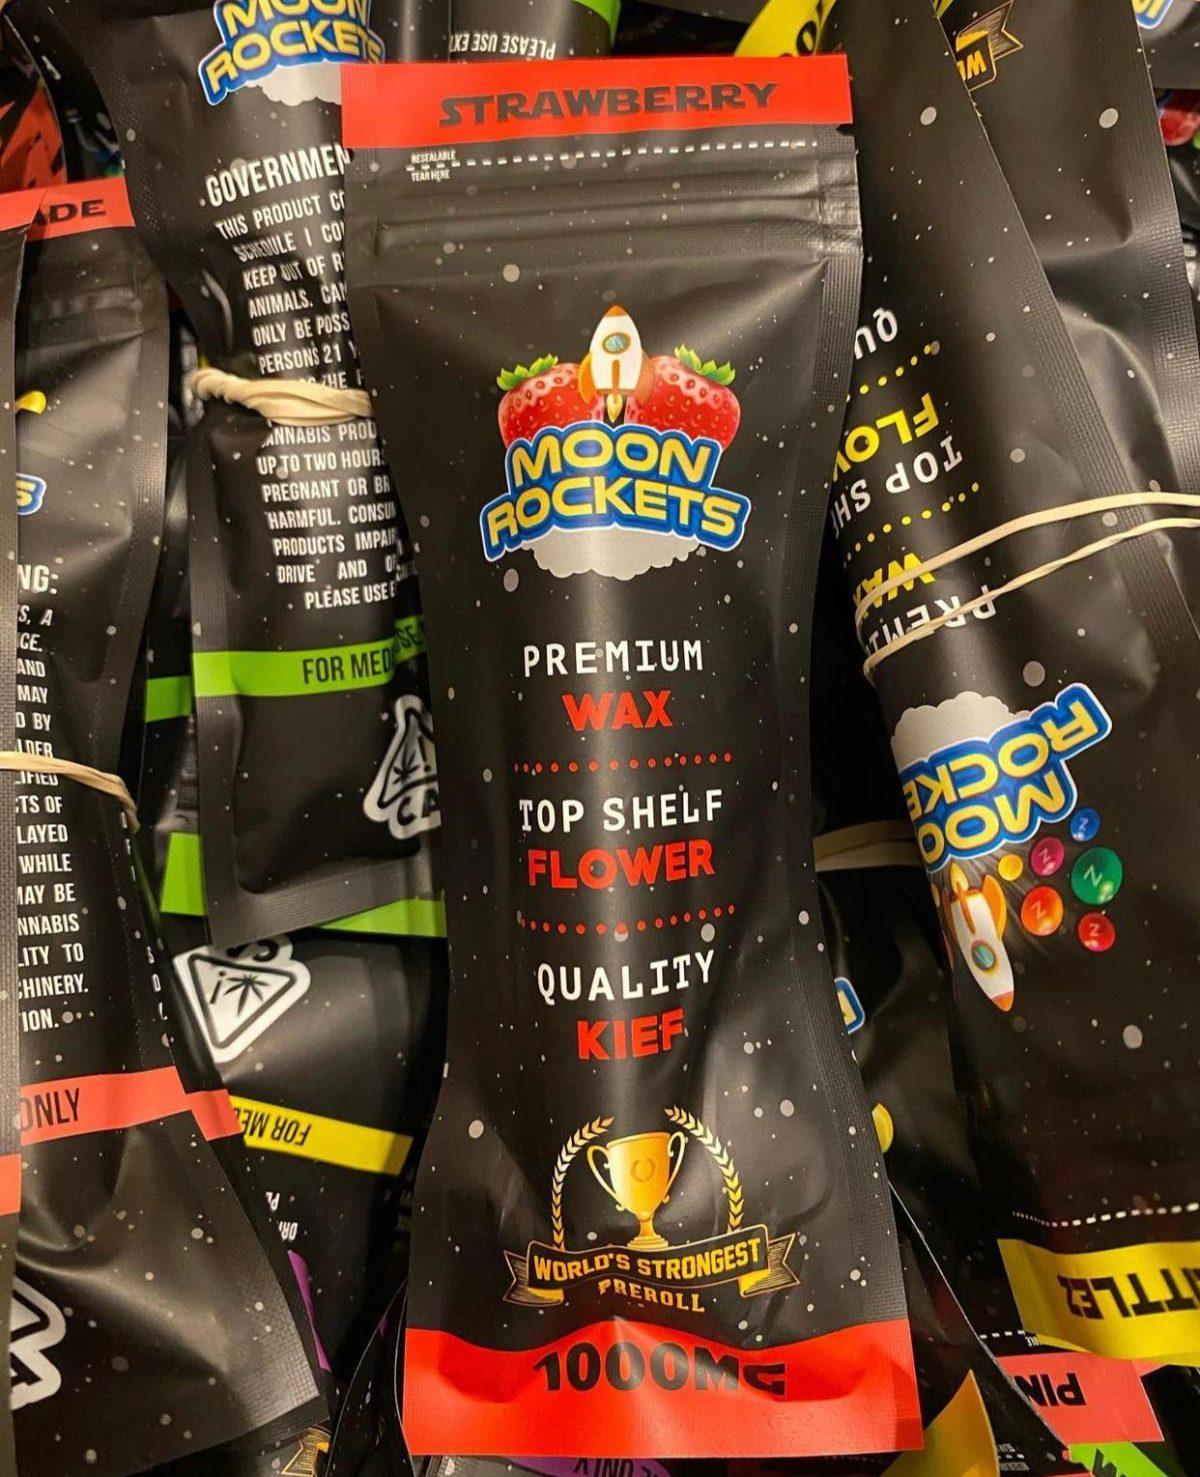 Buy Strawberry Moon Rockets Pre Rolls Online